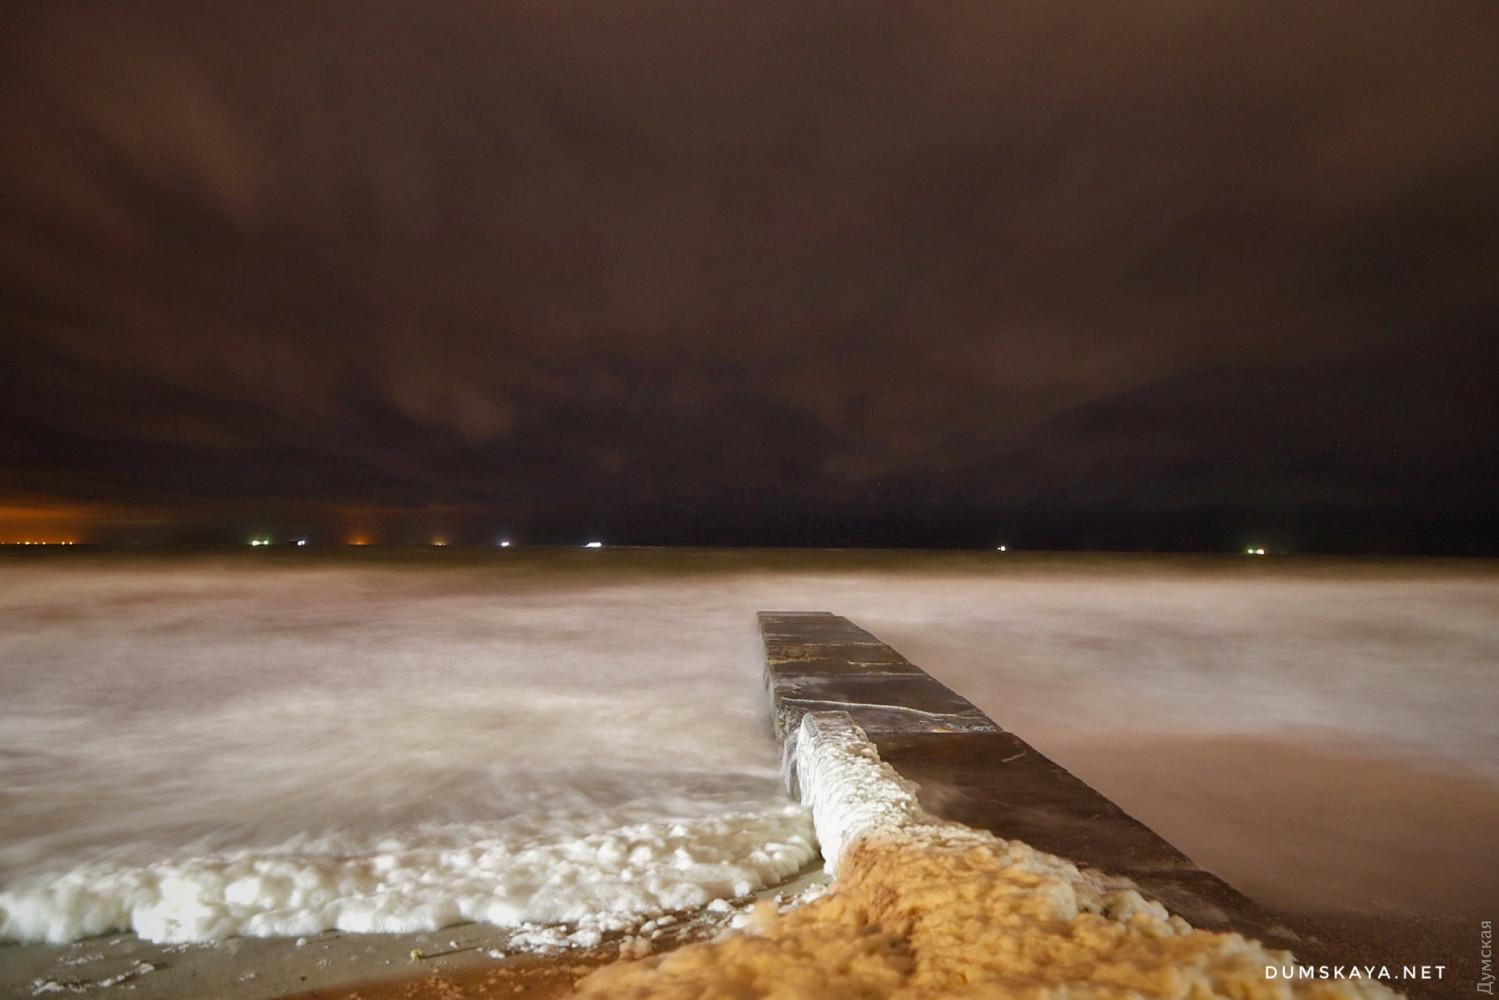 Вот так выглядит море сейчас. Фото Александра Гиманова